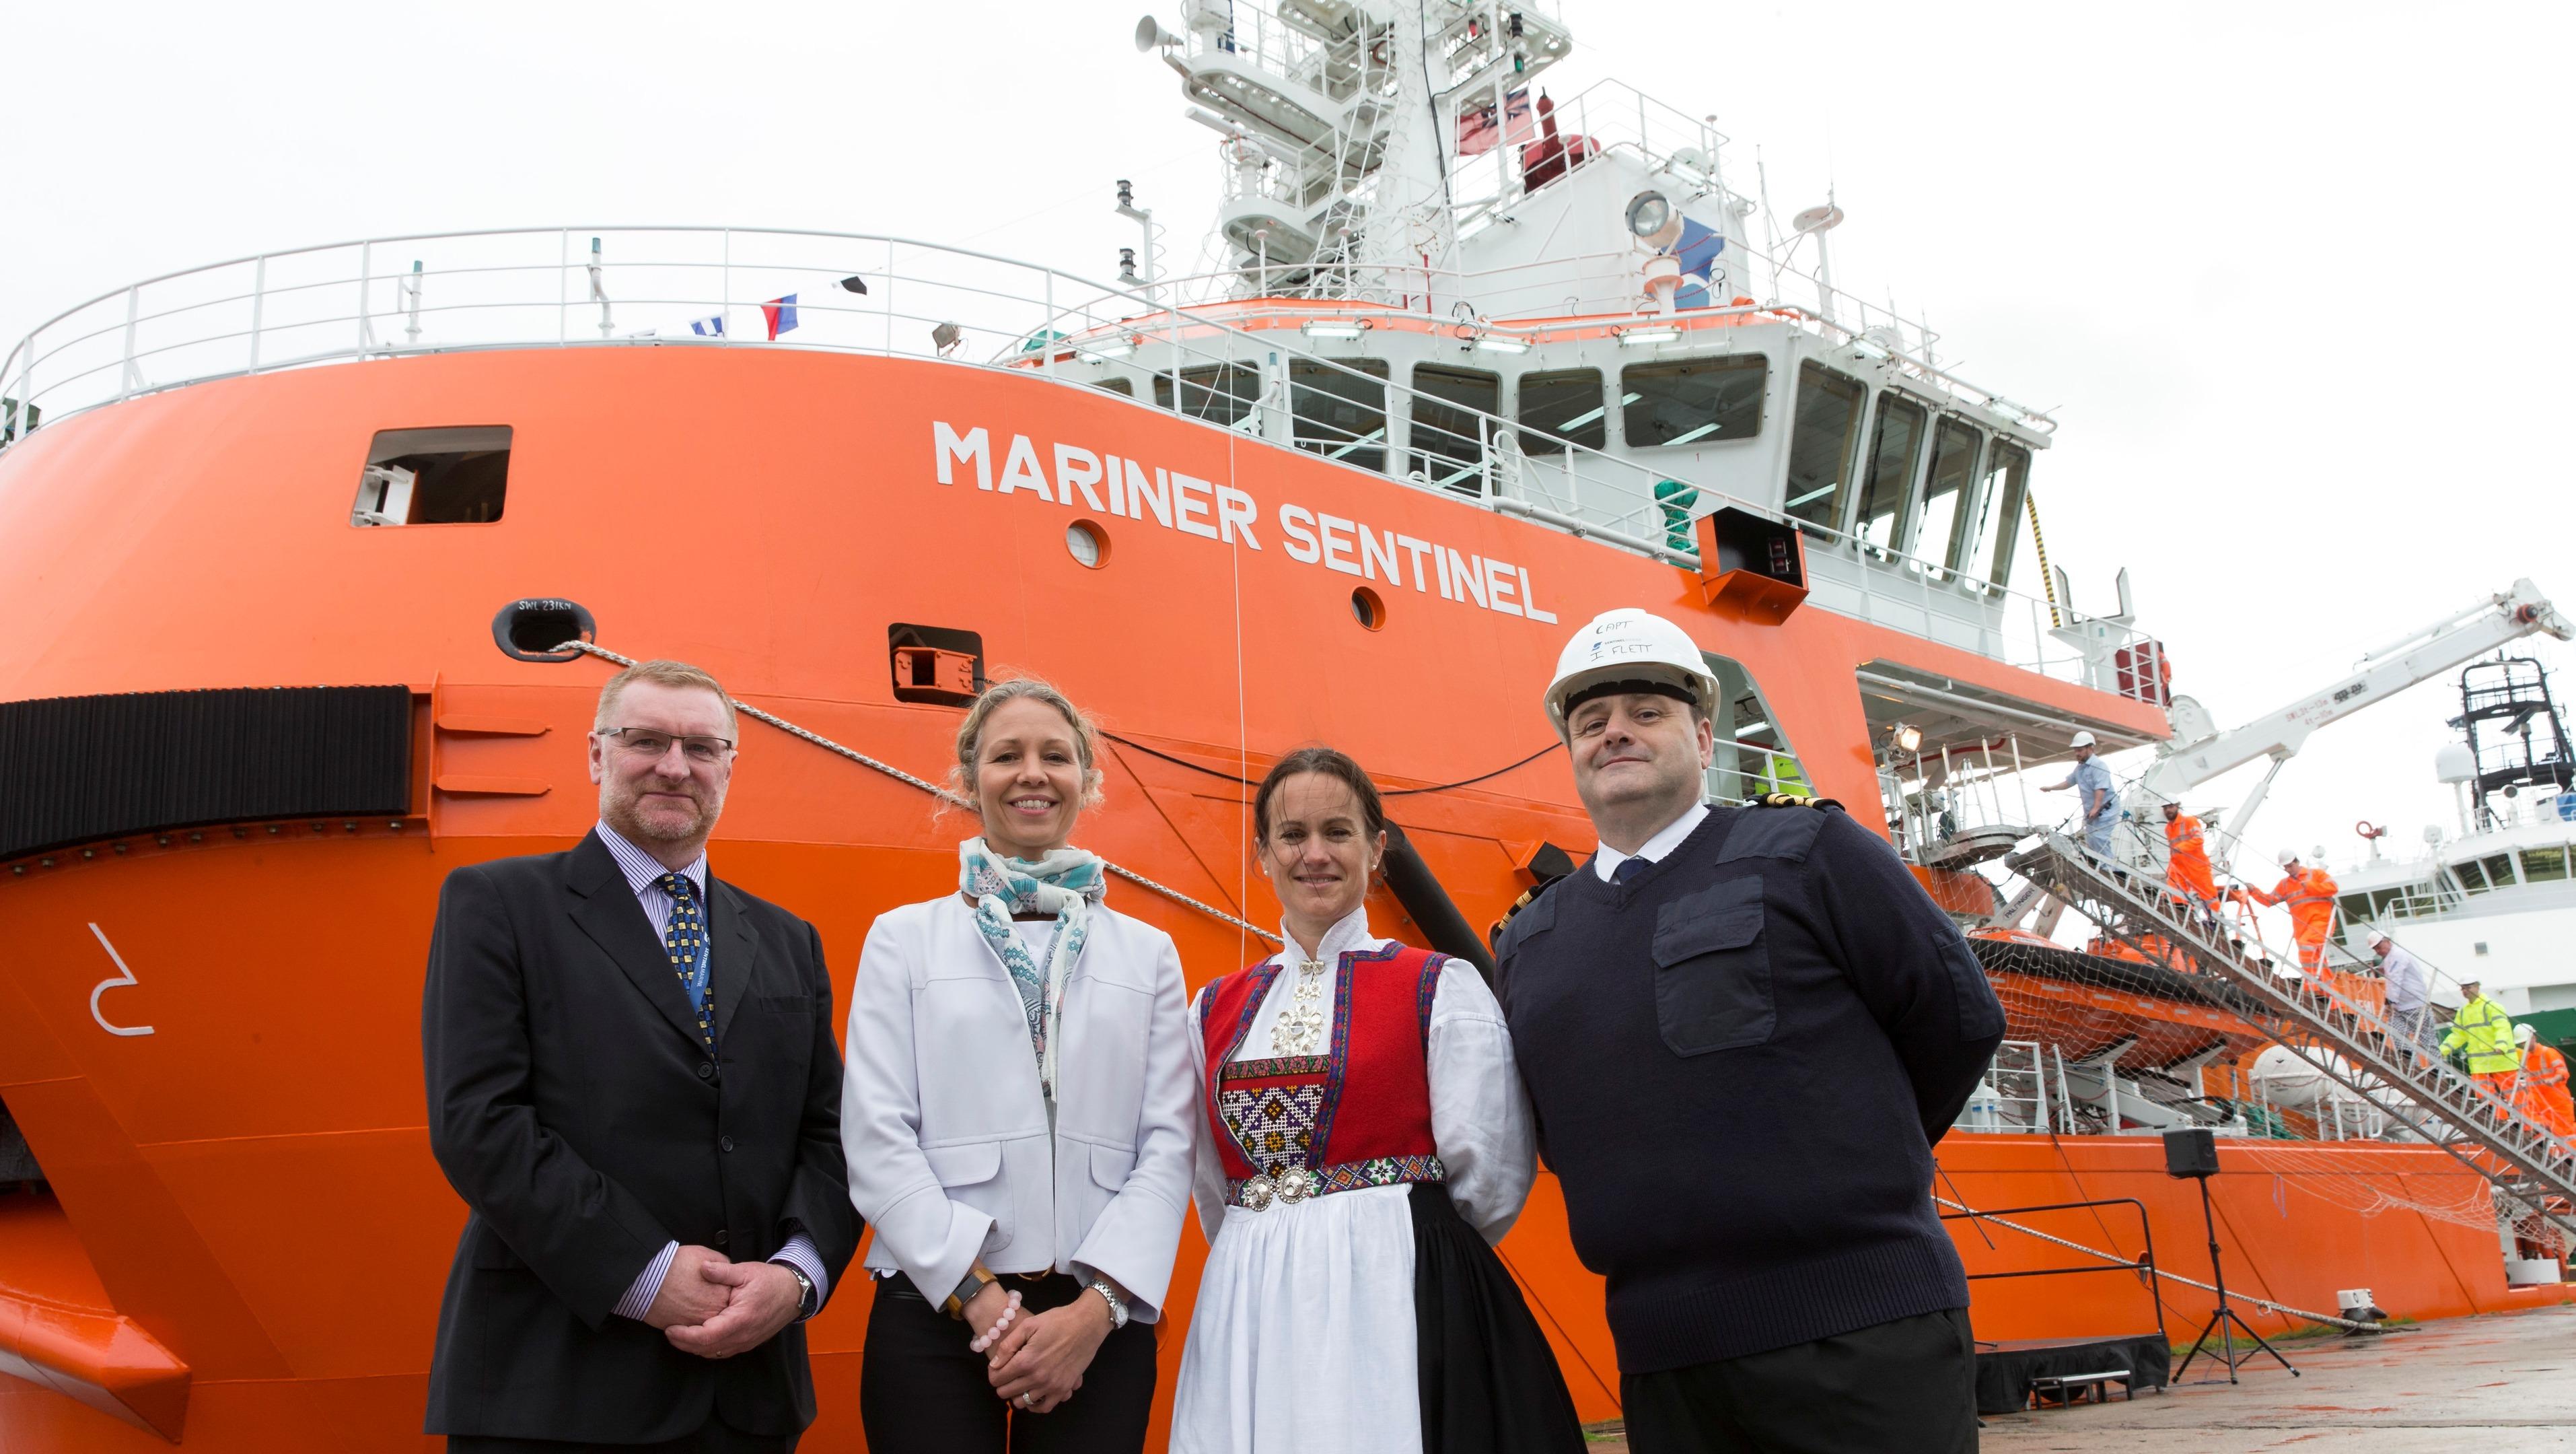 Mariner Sentinal -  ship christening is being held at Regents Quay   (Photo: Ross Johnston/Newsline Media)